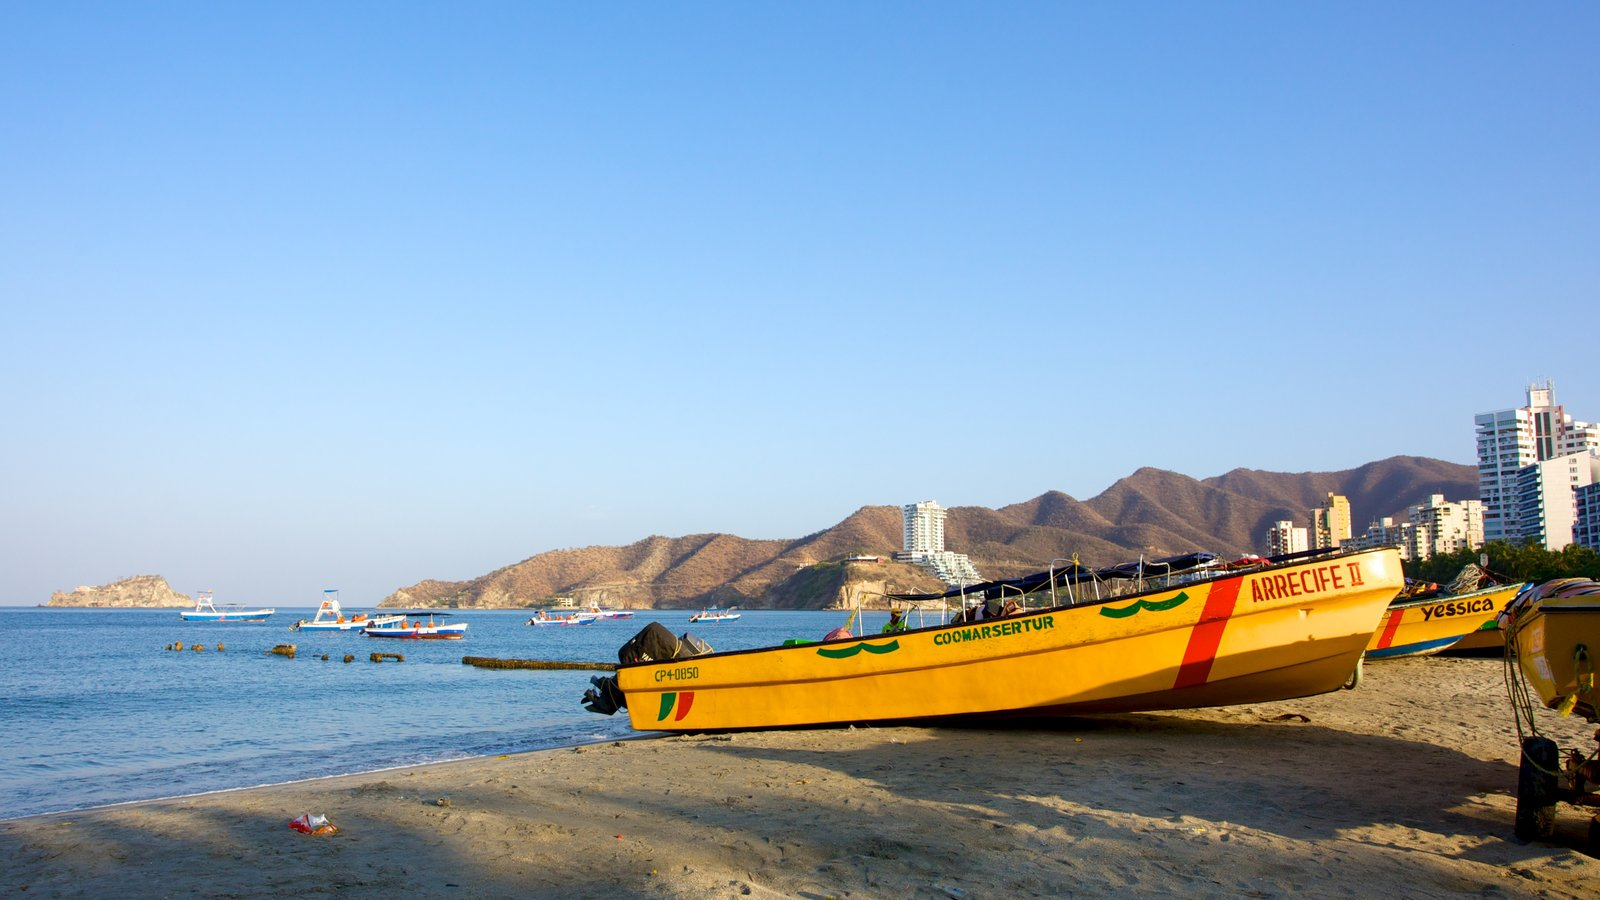 Rodadero Beach featuring boating, a beach and a coastal town